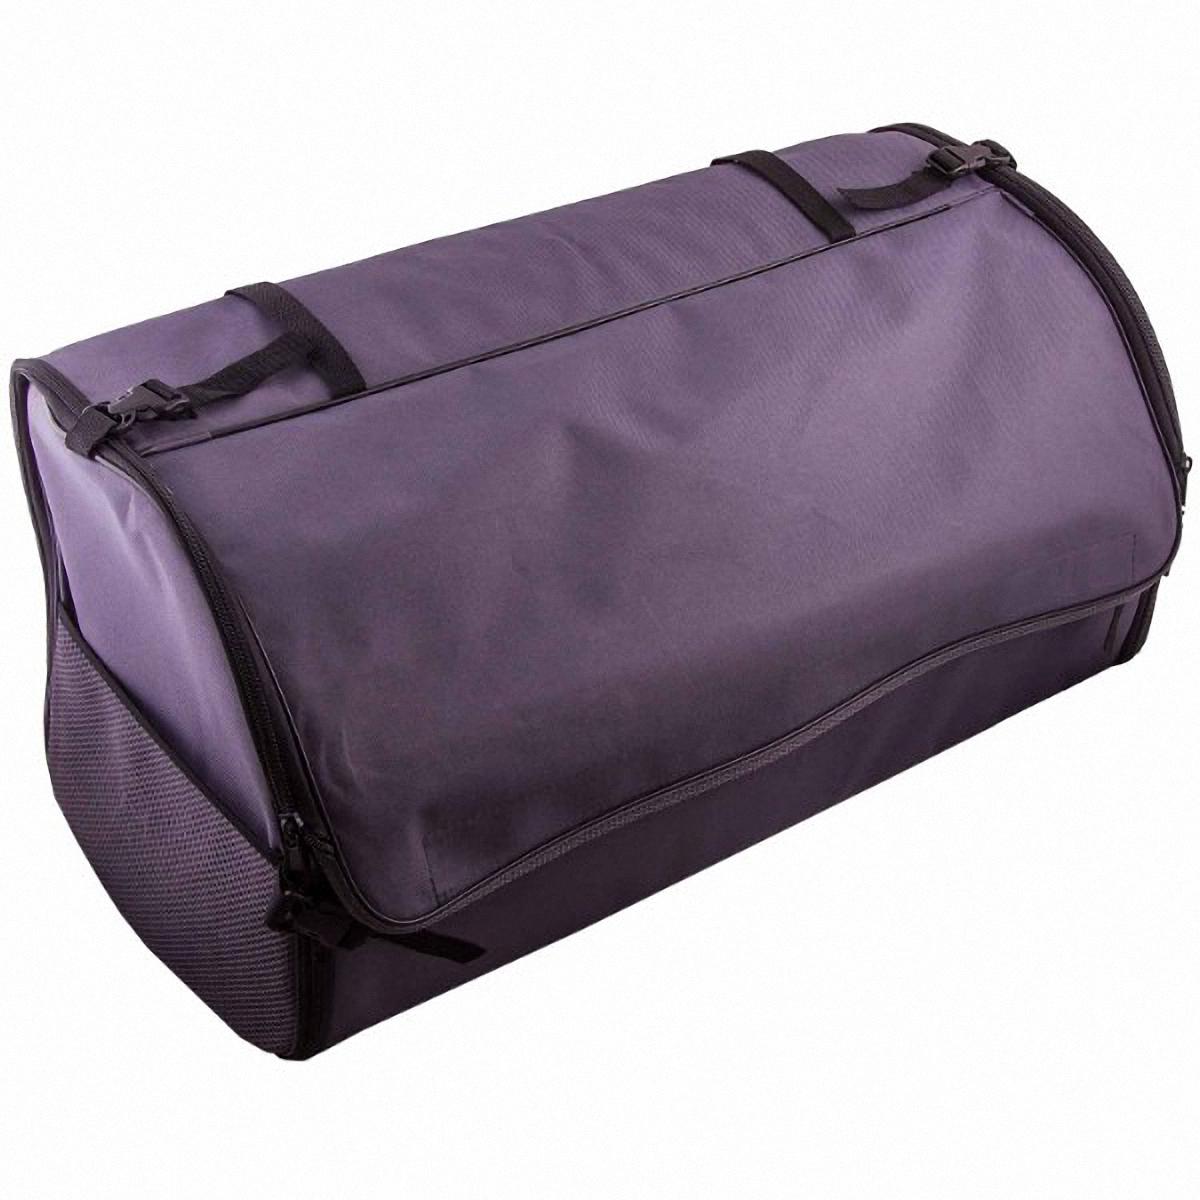 Органайзер автомобильный Skyway, в багажник, цвет: серый, 60 х 30 х 30 смВетерок 2ГФОрганайзер Skyway используется в багажнике для хранения различных вещей и мелких предметов, позволит вам компактно разместить все необходимые инструменты и аксессуары. Также может использоваться в качестве обычной сумки. Изготовлен из материала оксфорд. Материал очень прочный, устойчив к химическим веществам, долговечный и непромокаемый. Органайзер имеет боковые карманы-сетки, крышку на липучке и два больших кармана.